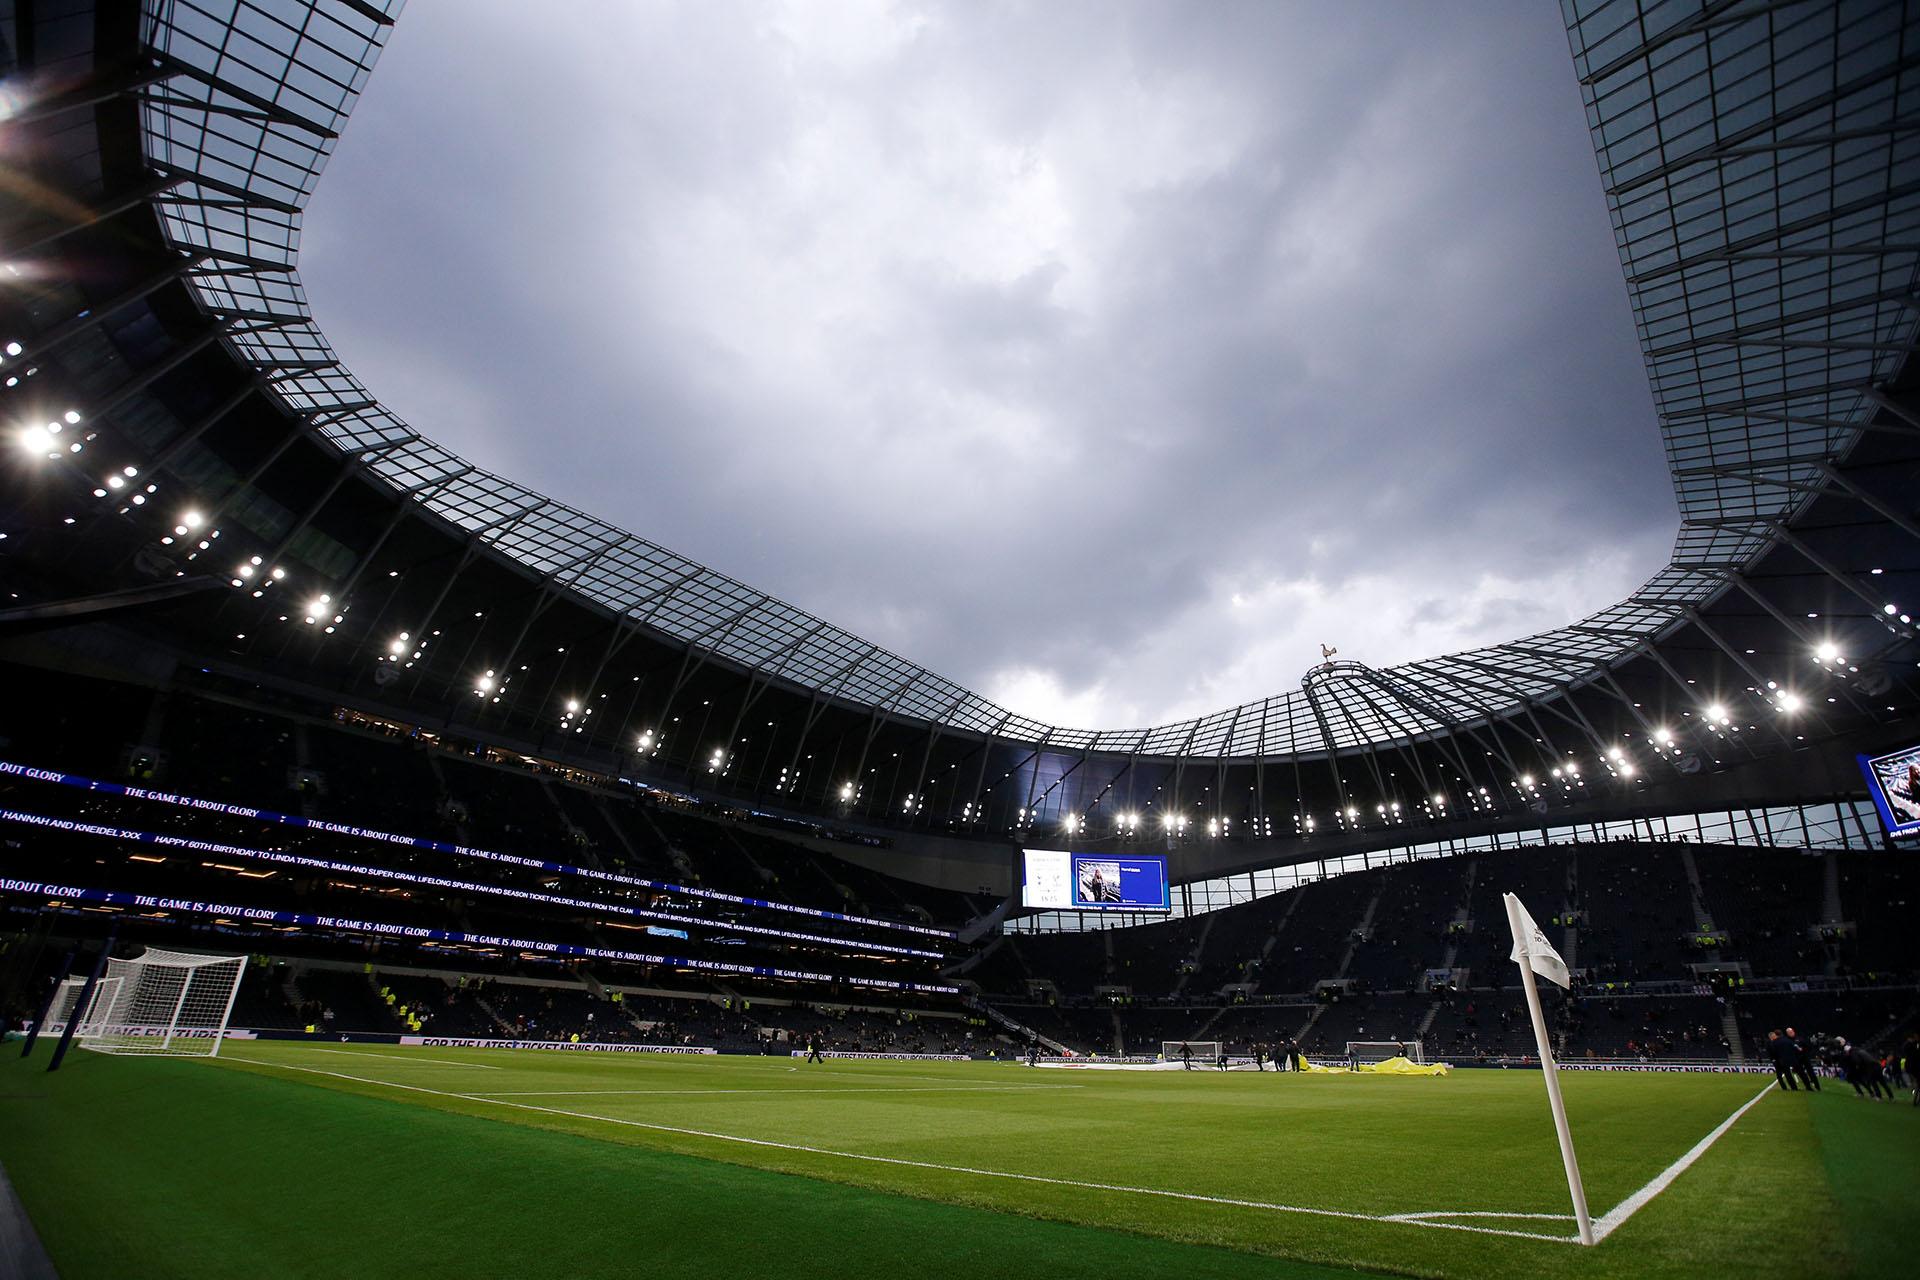 El nuevo estadio es cuatro veces más grande que el anterior, en cuanto a superficie